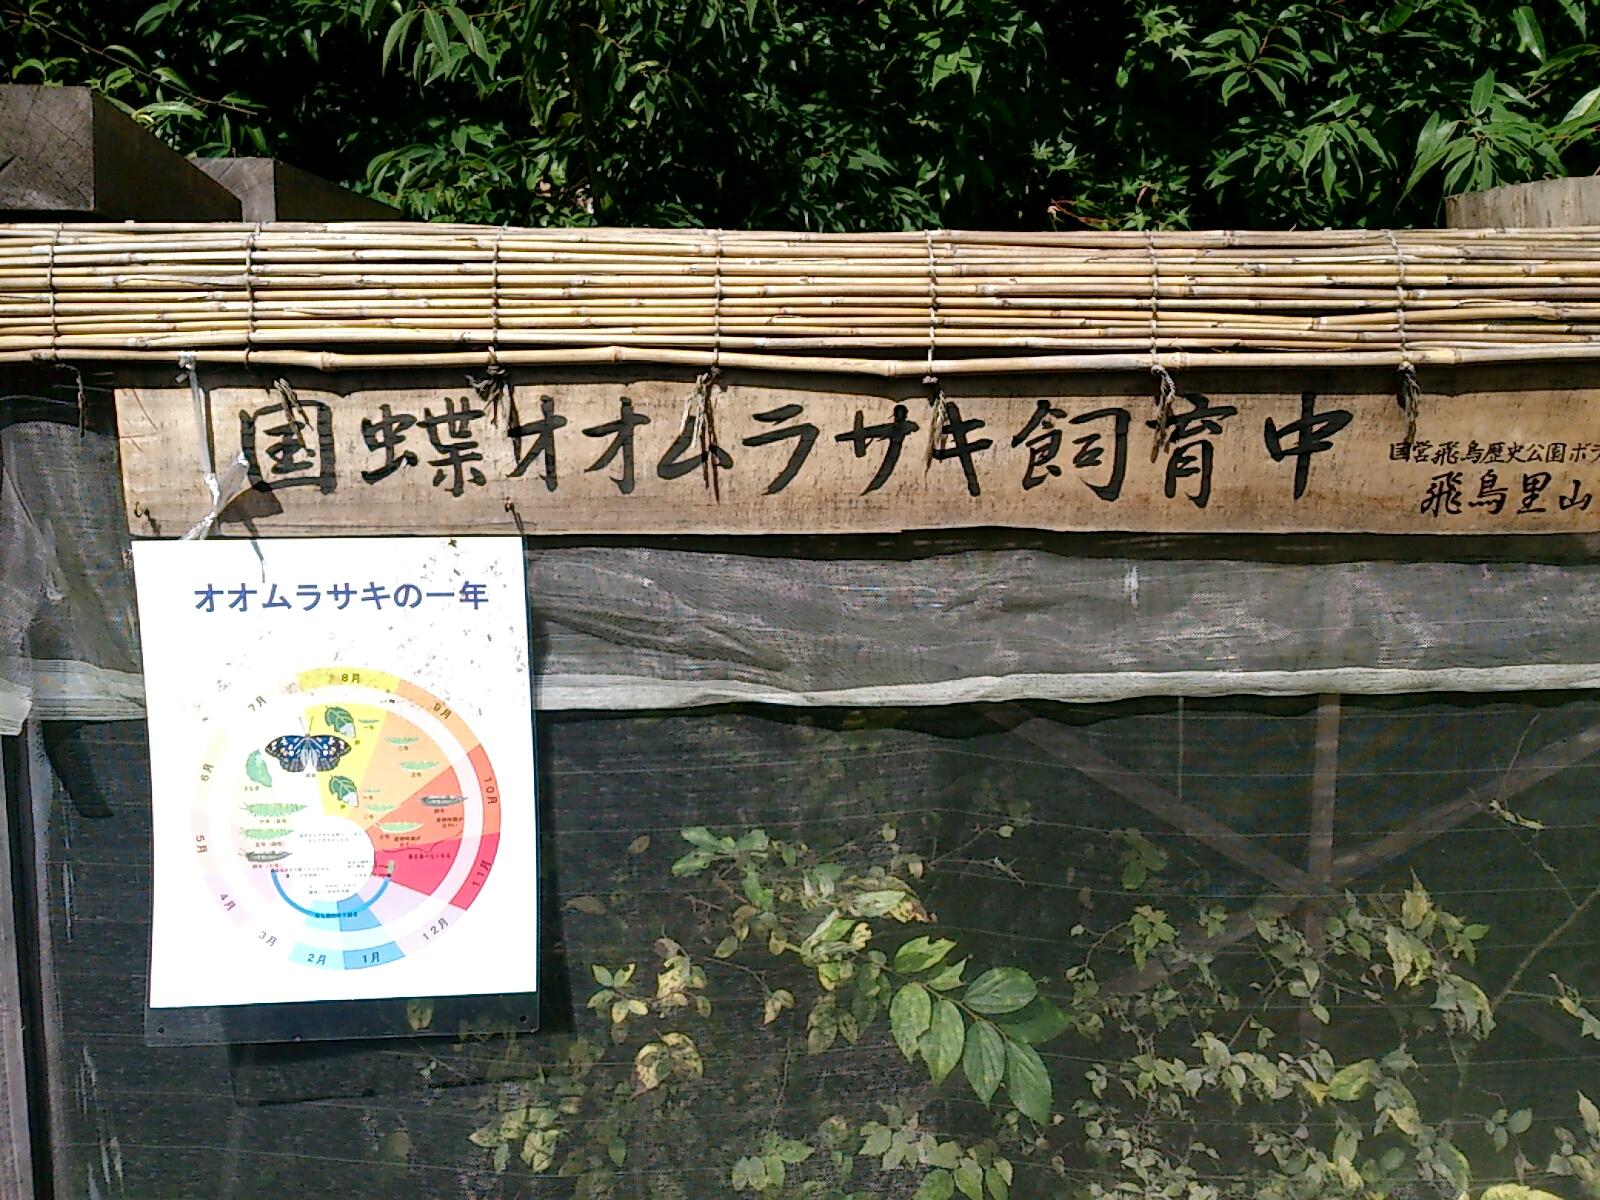 オオムラサキ飼育中